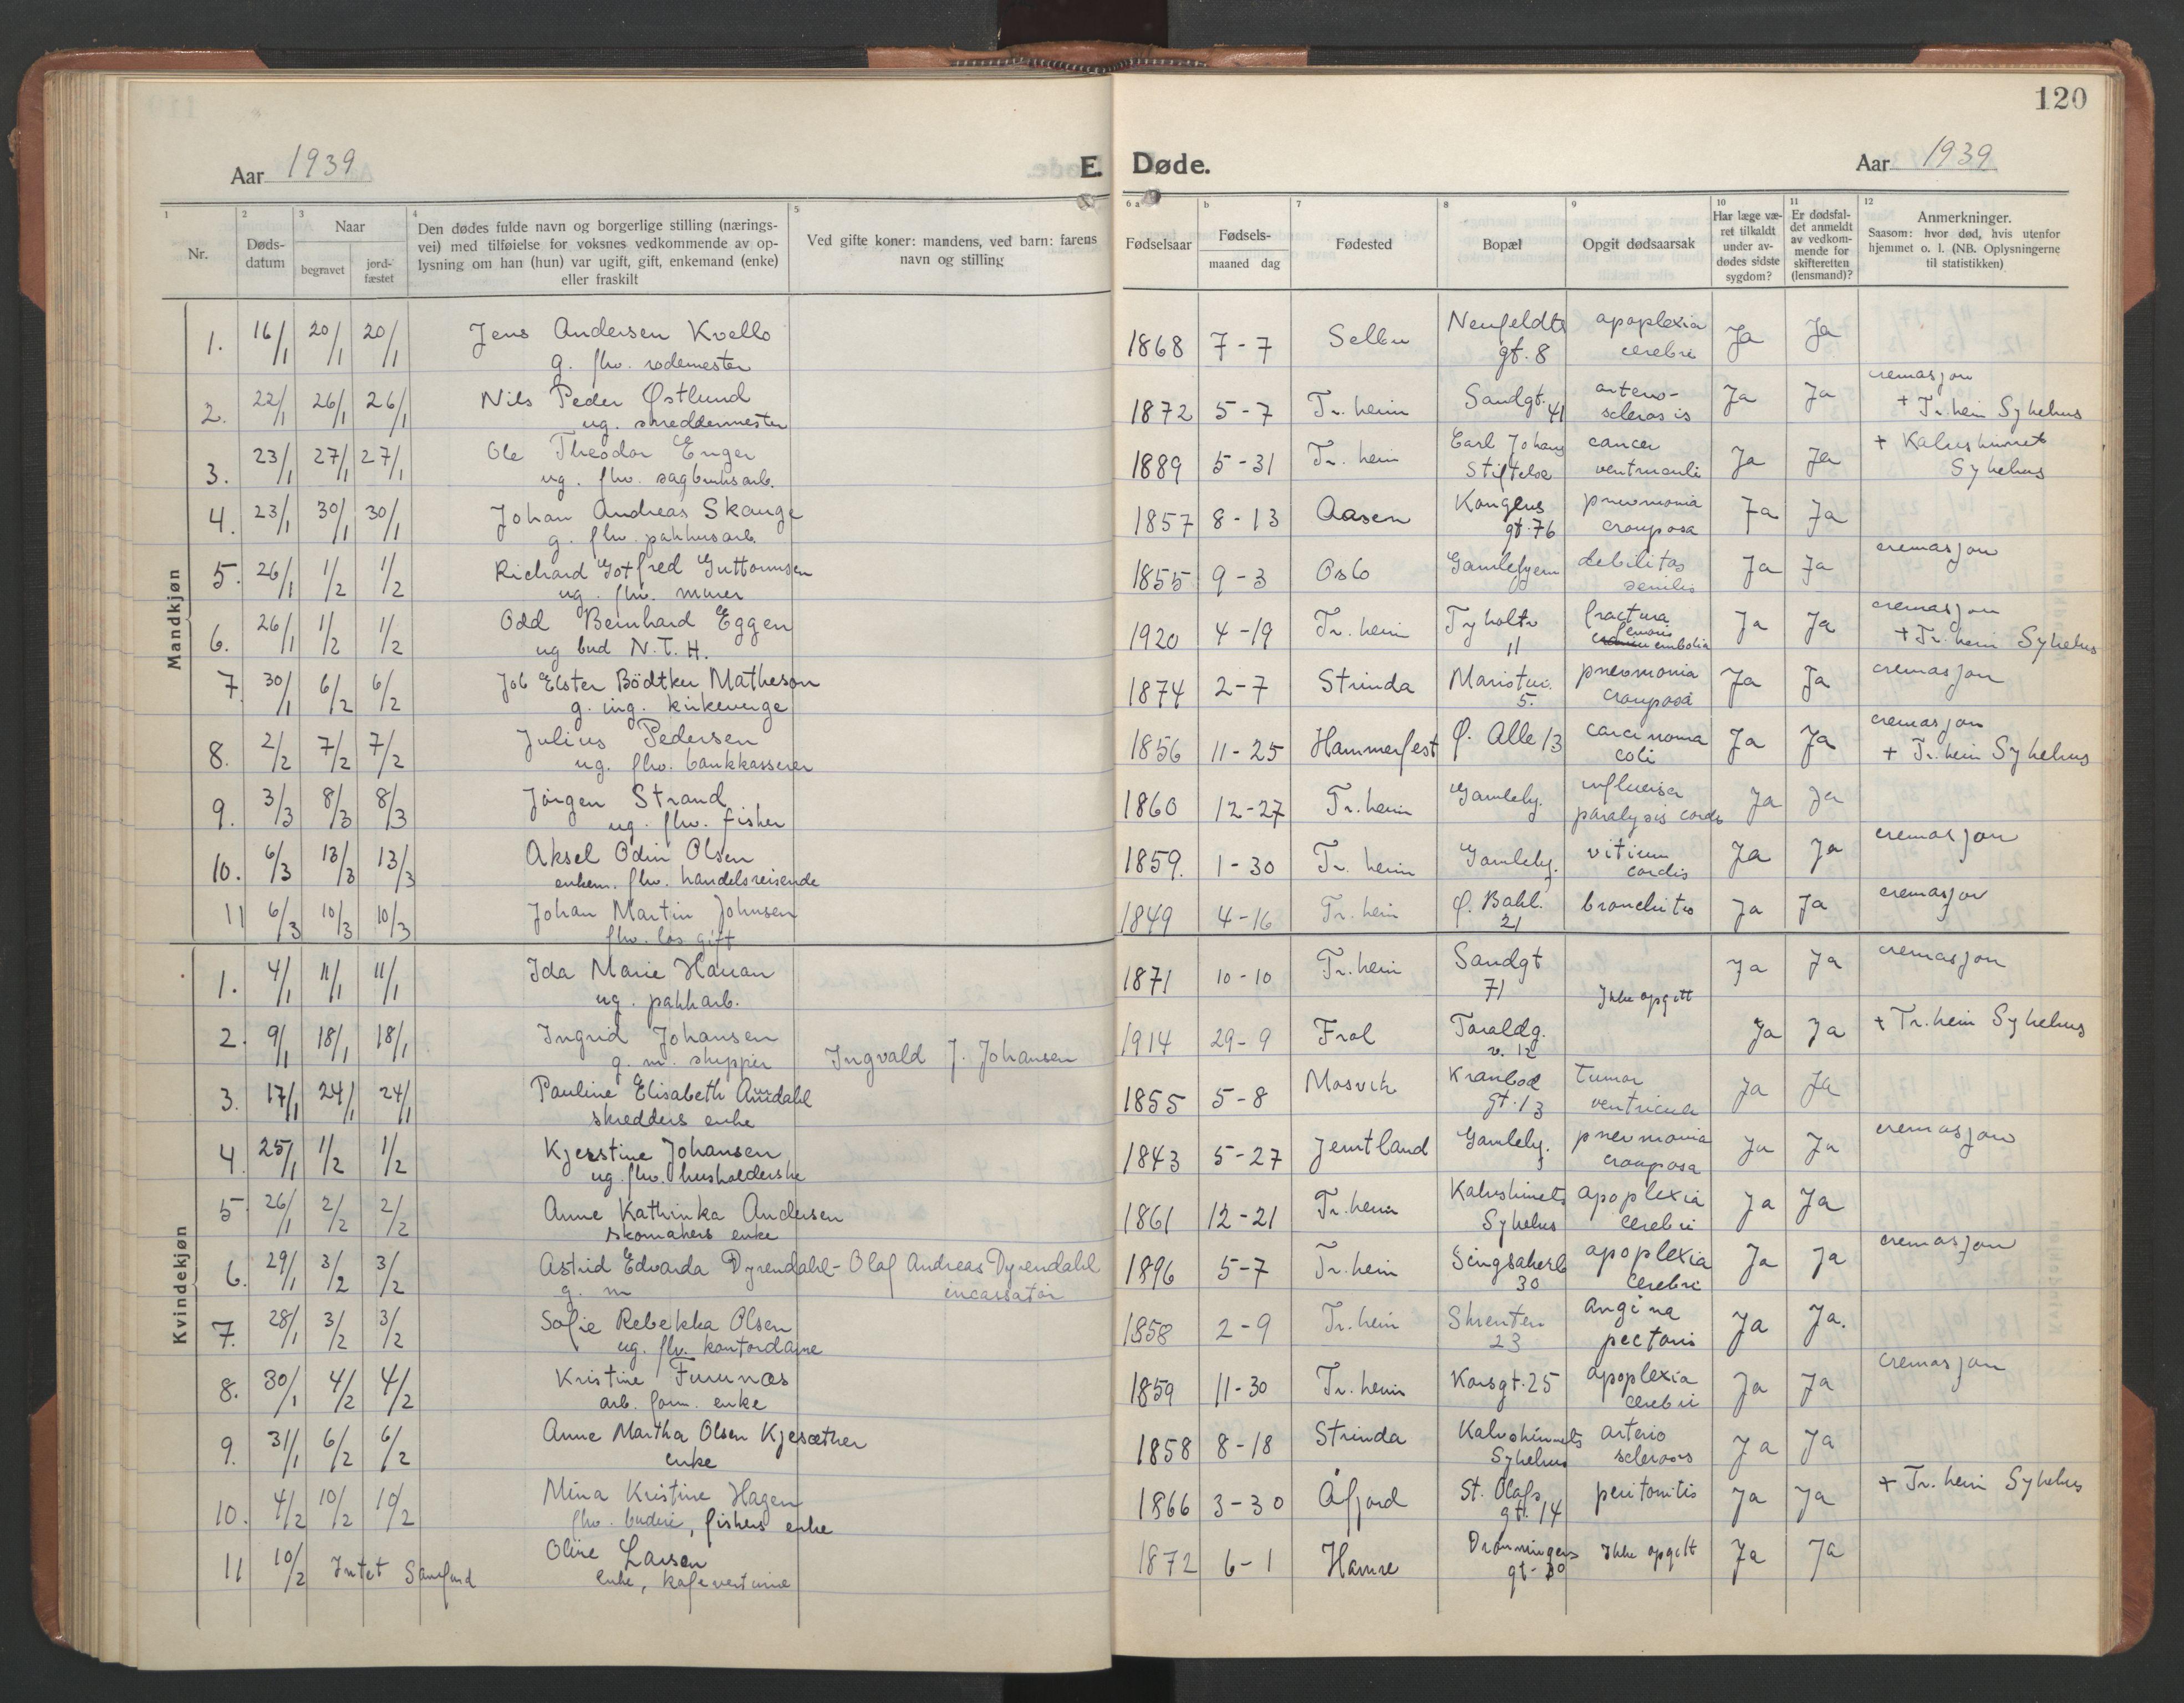 SAT, Ministerialprotokoller, klokkerbøker og fødselsregistre - Sør-Trøndelag, 602/L0150: Klokkerbok nr. 602C18, 1922-1949, s. 120